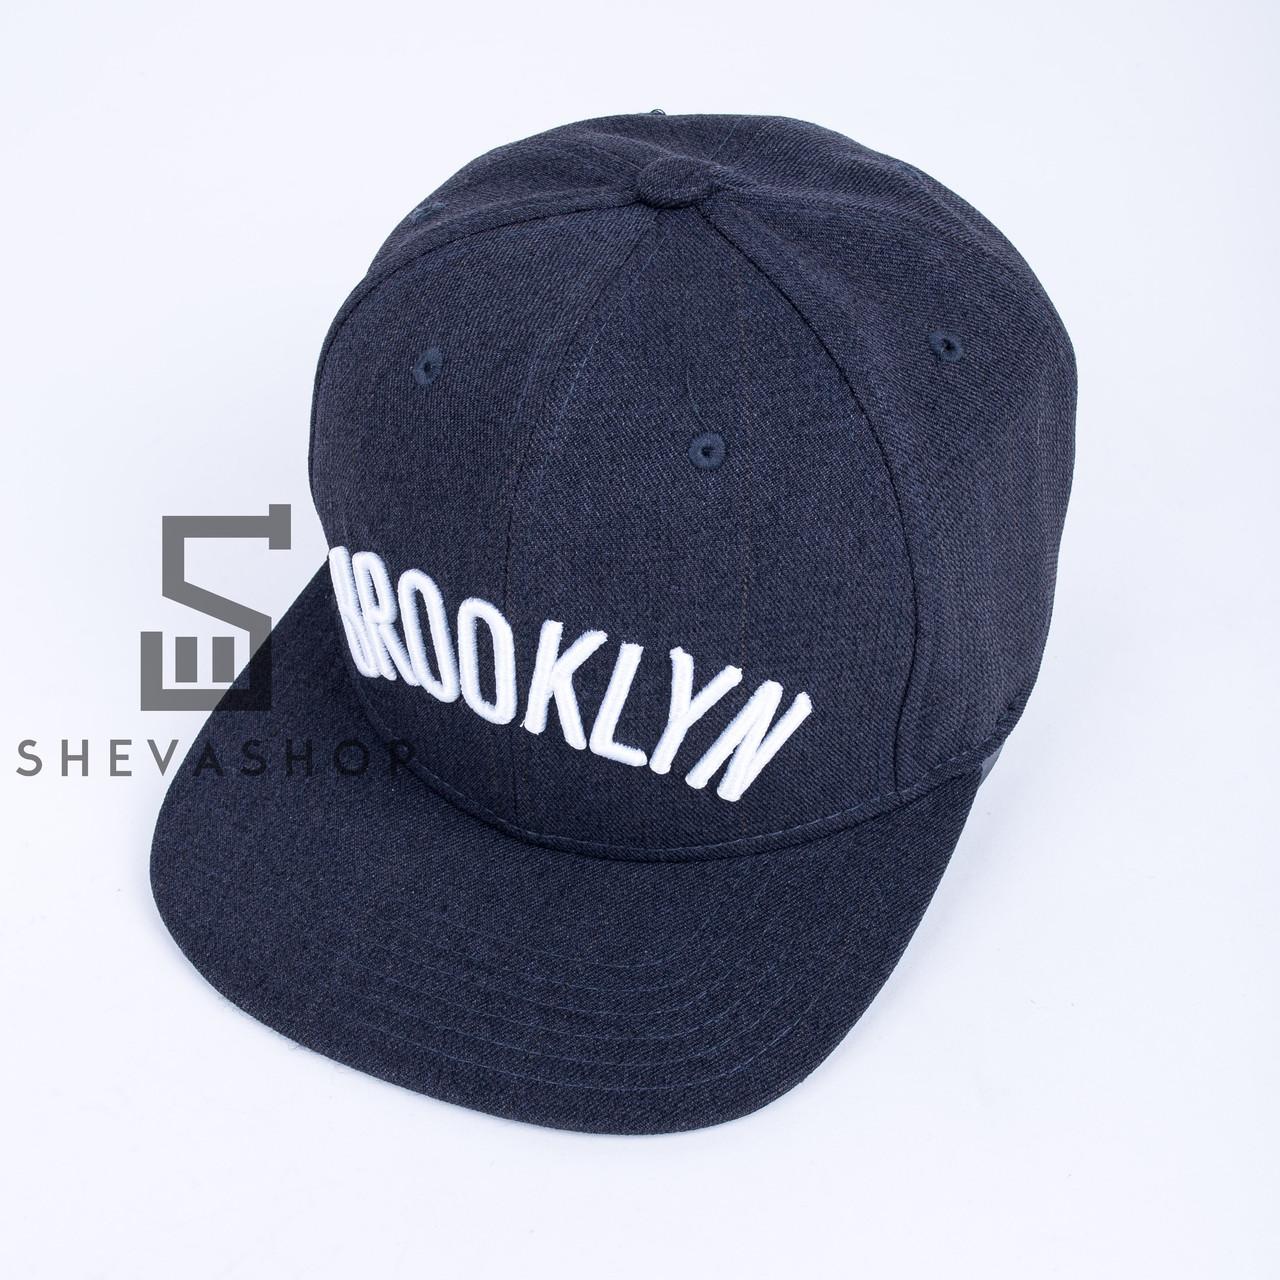 Снепбек Liberty - Brooklyn Graphite, фото 1